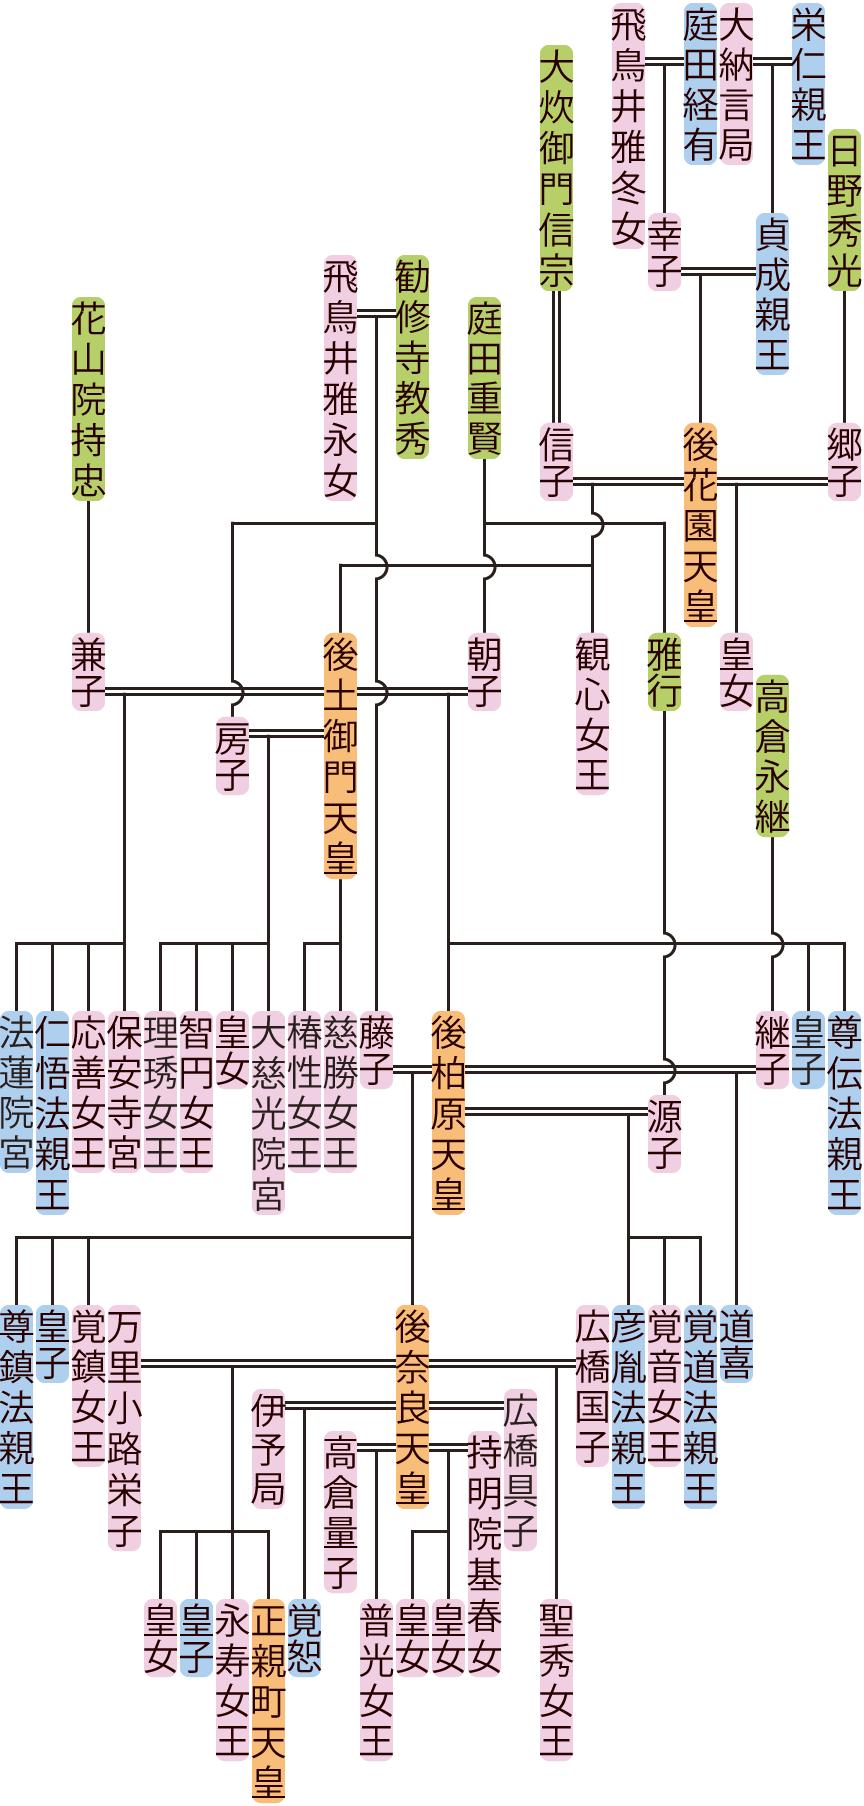 後花園天皇~後柏原天皇の系図